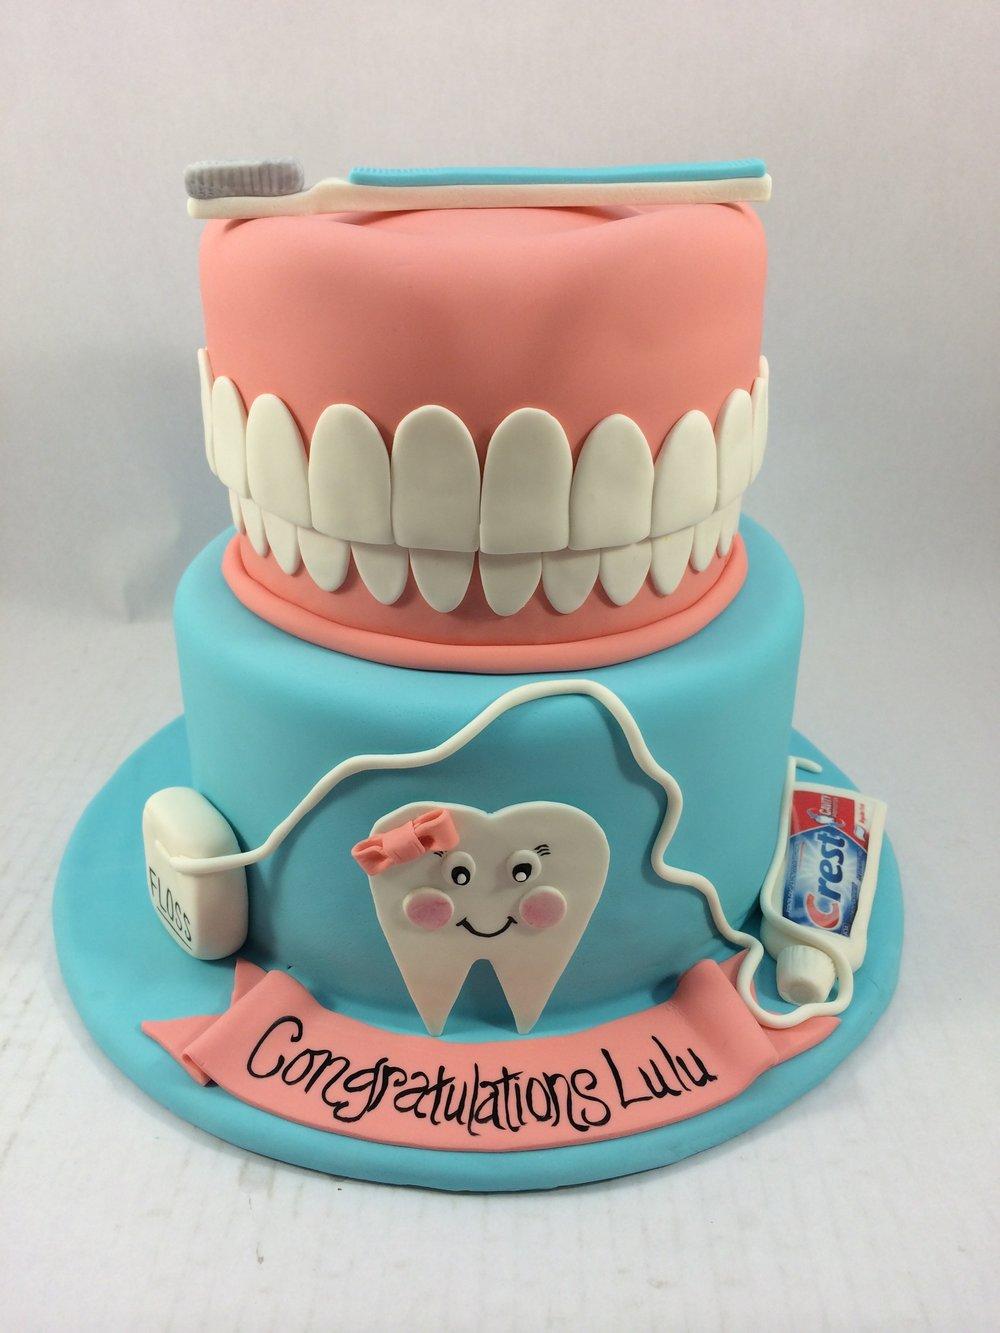 Cake dental theme.JPG